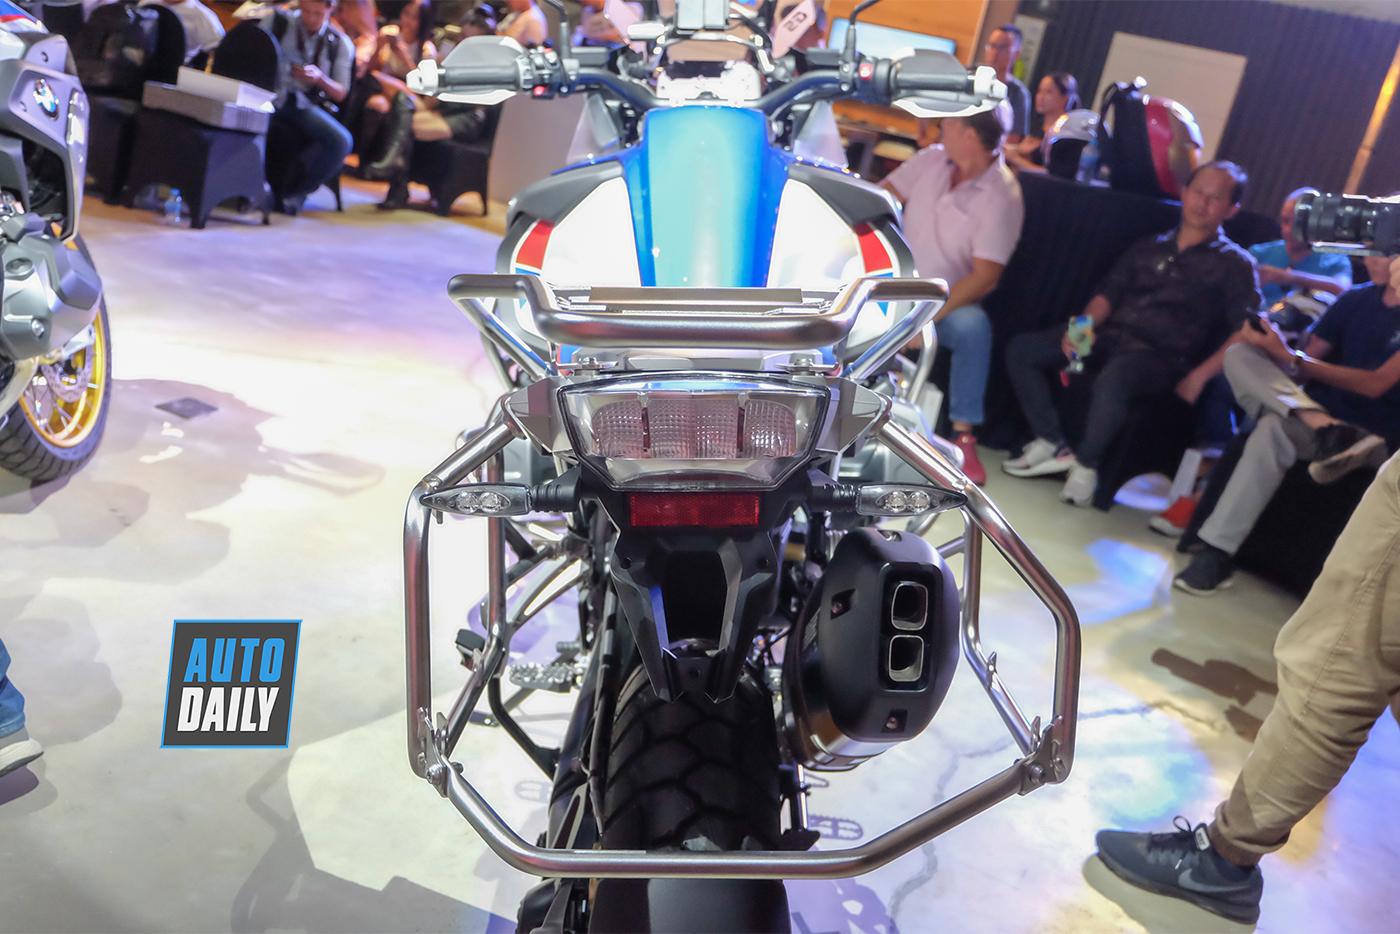 bmw-motorrad-r-1250-gsa-2019-2.jpg